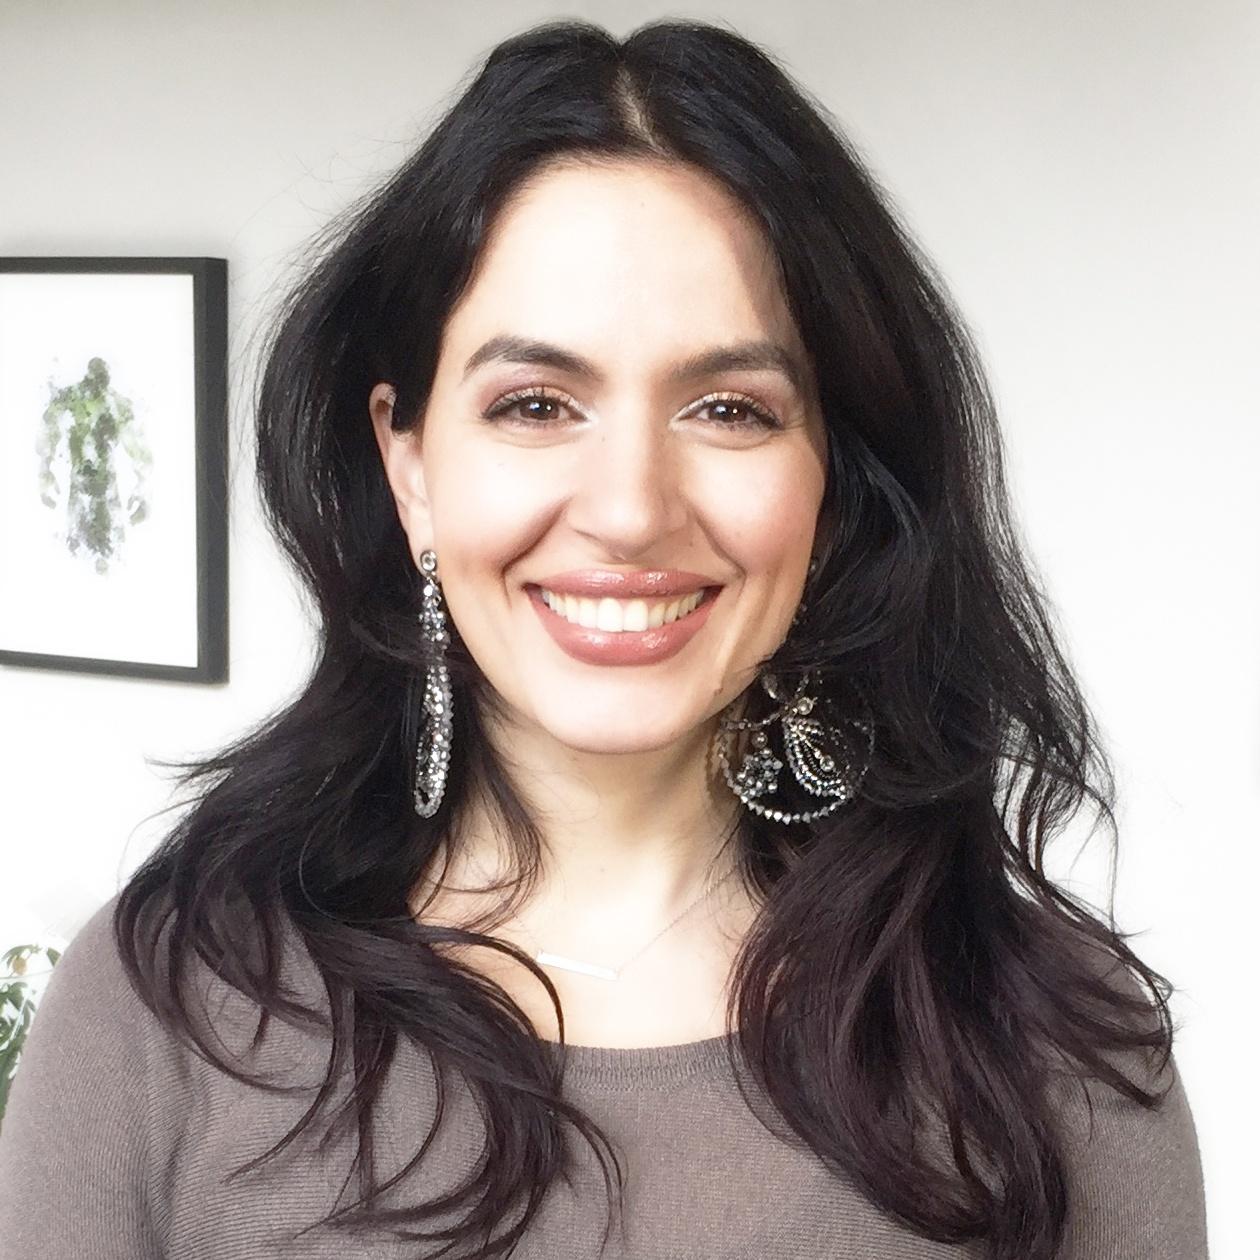 Stephanie Estima